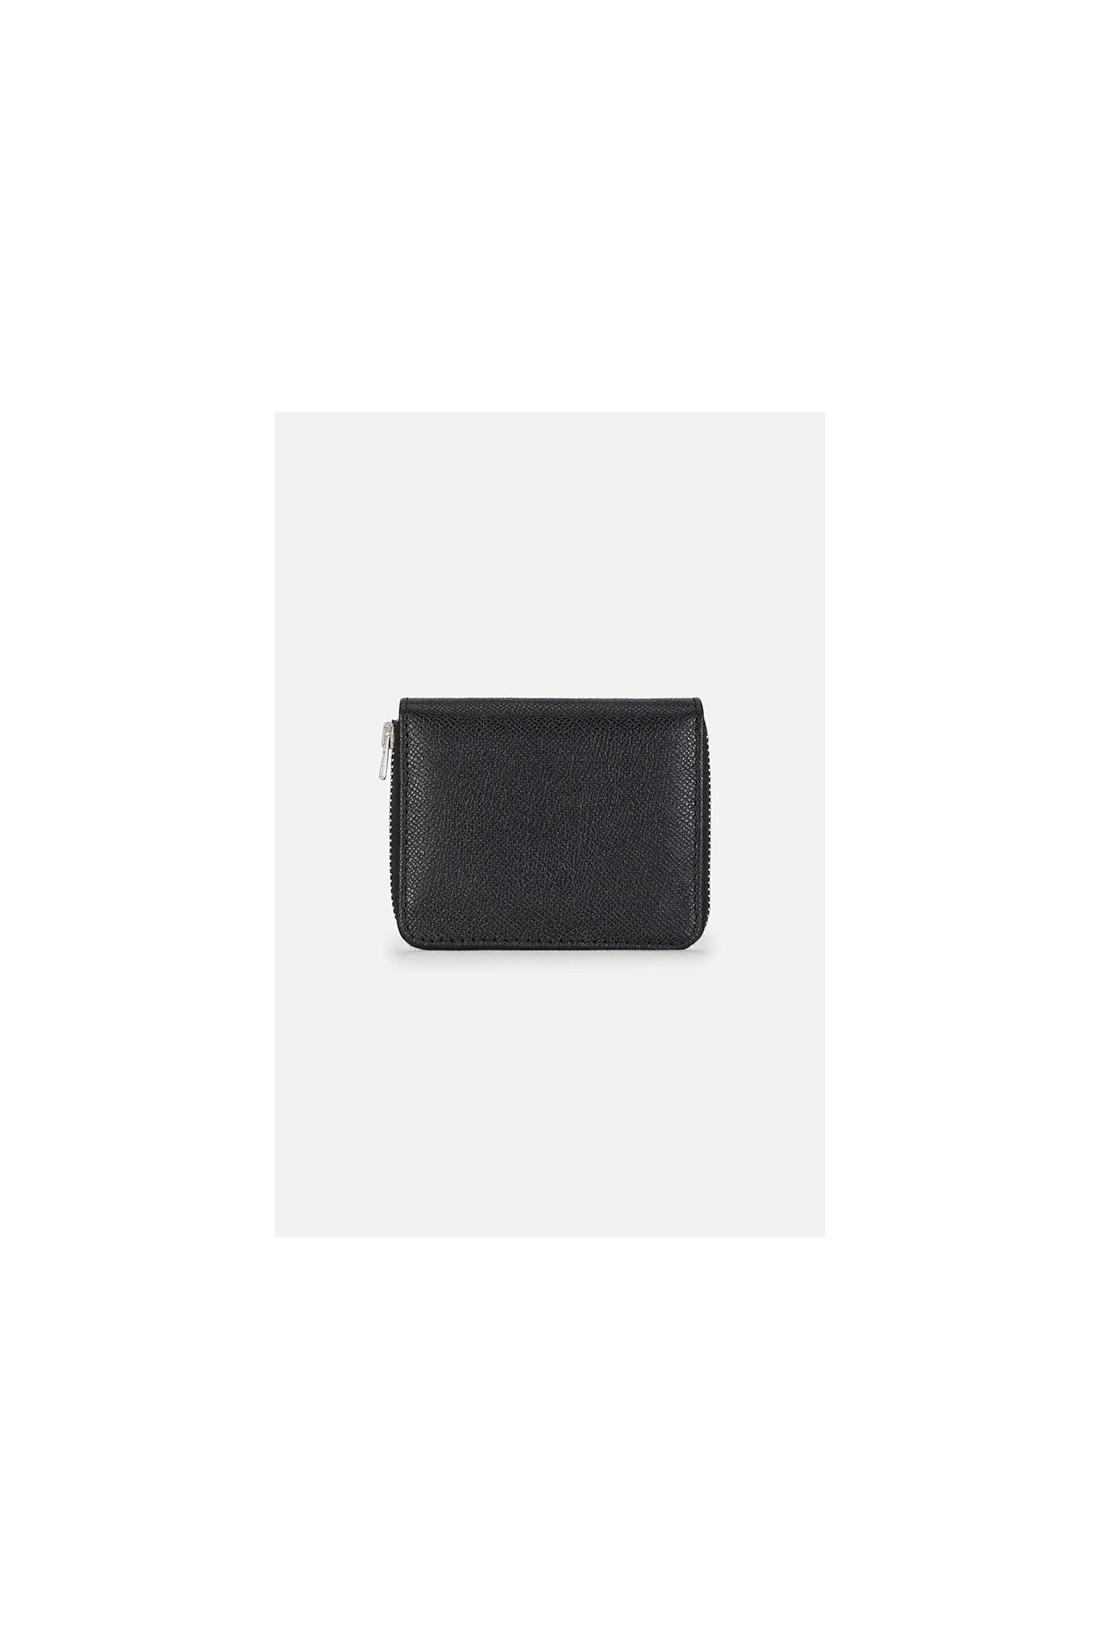 AMI / Portefeuille compact rivet ami Noir